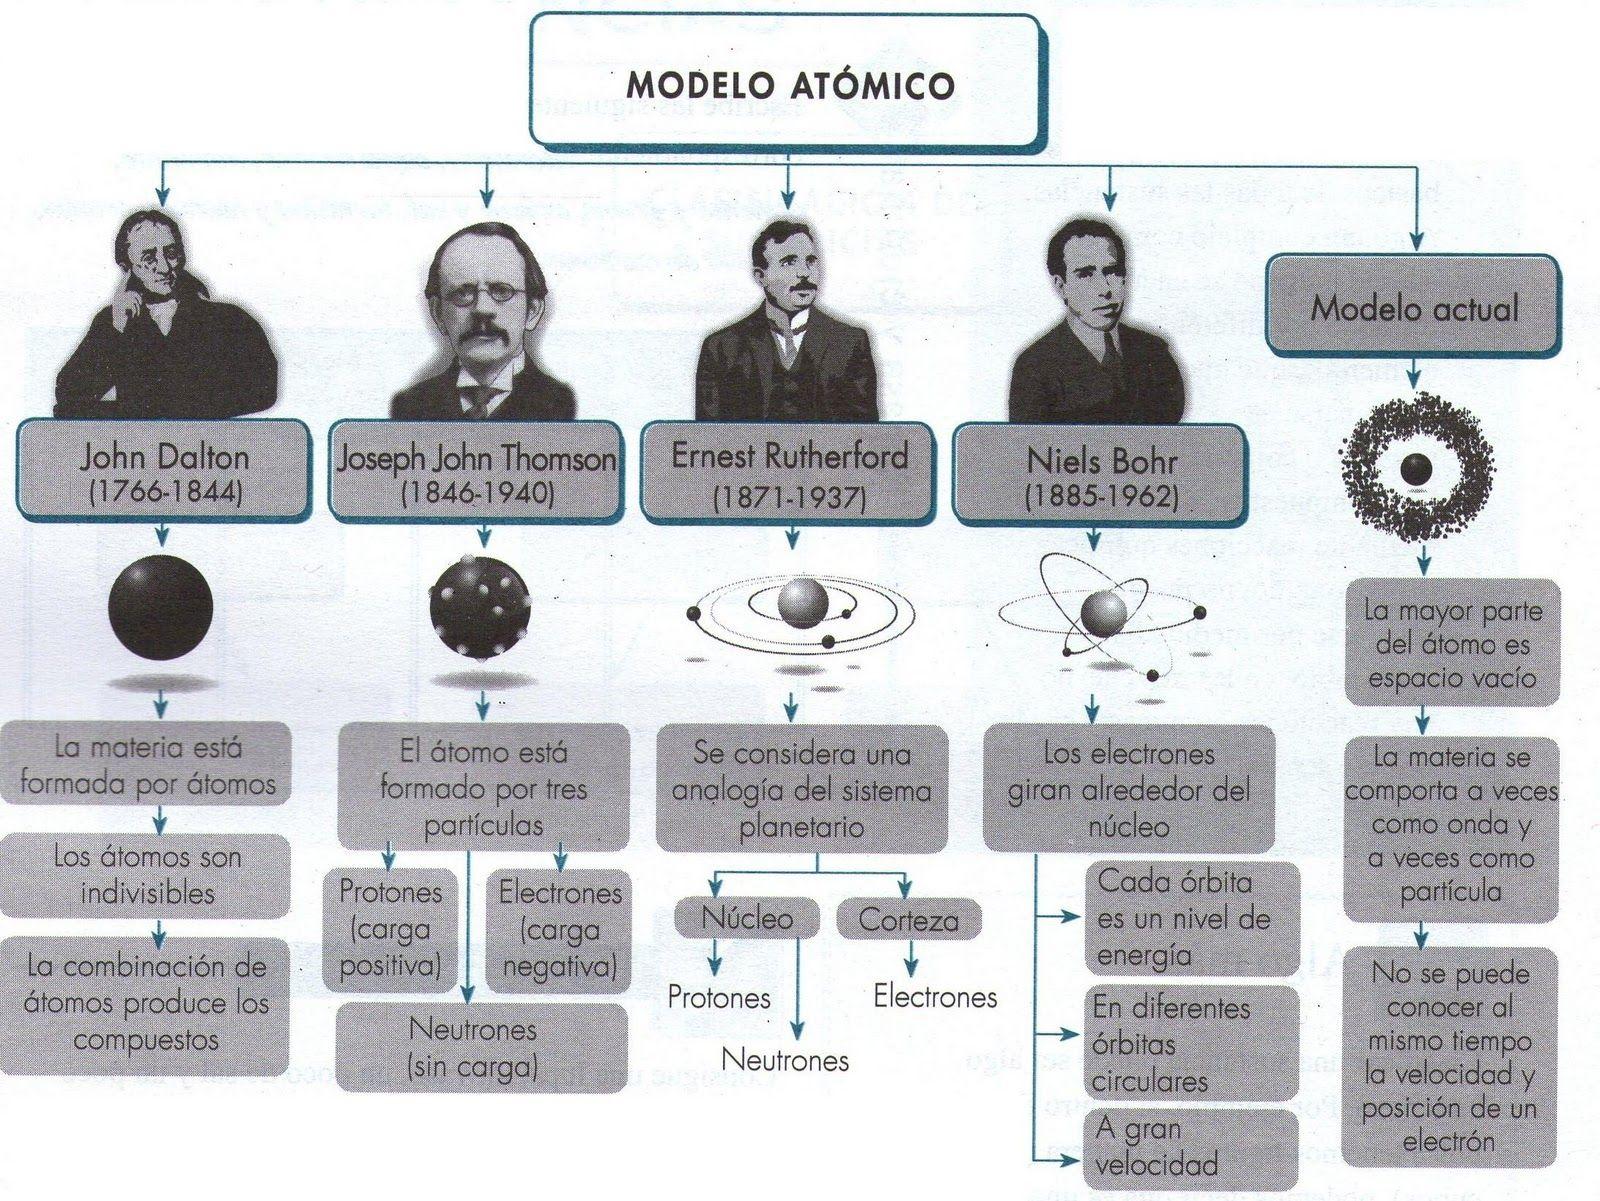 Almagro Campus Virtual Ort Enseñanza De Química Ciencias Quimica Modelos Atomicos